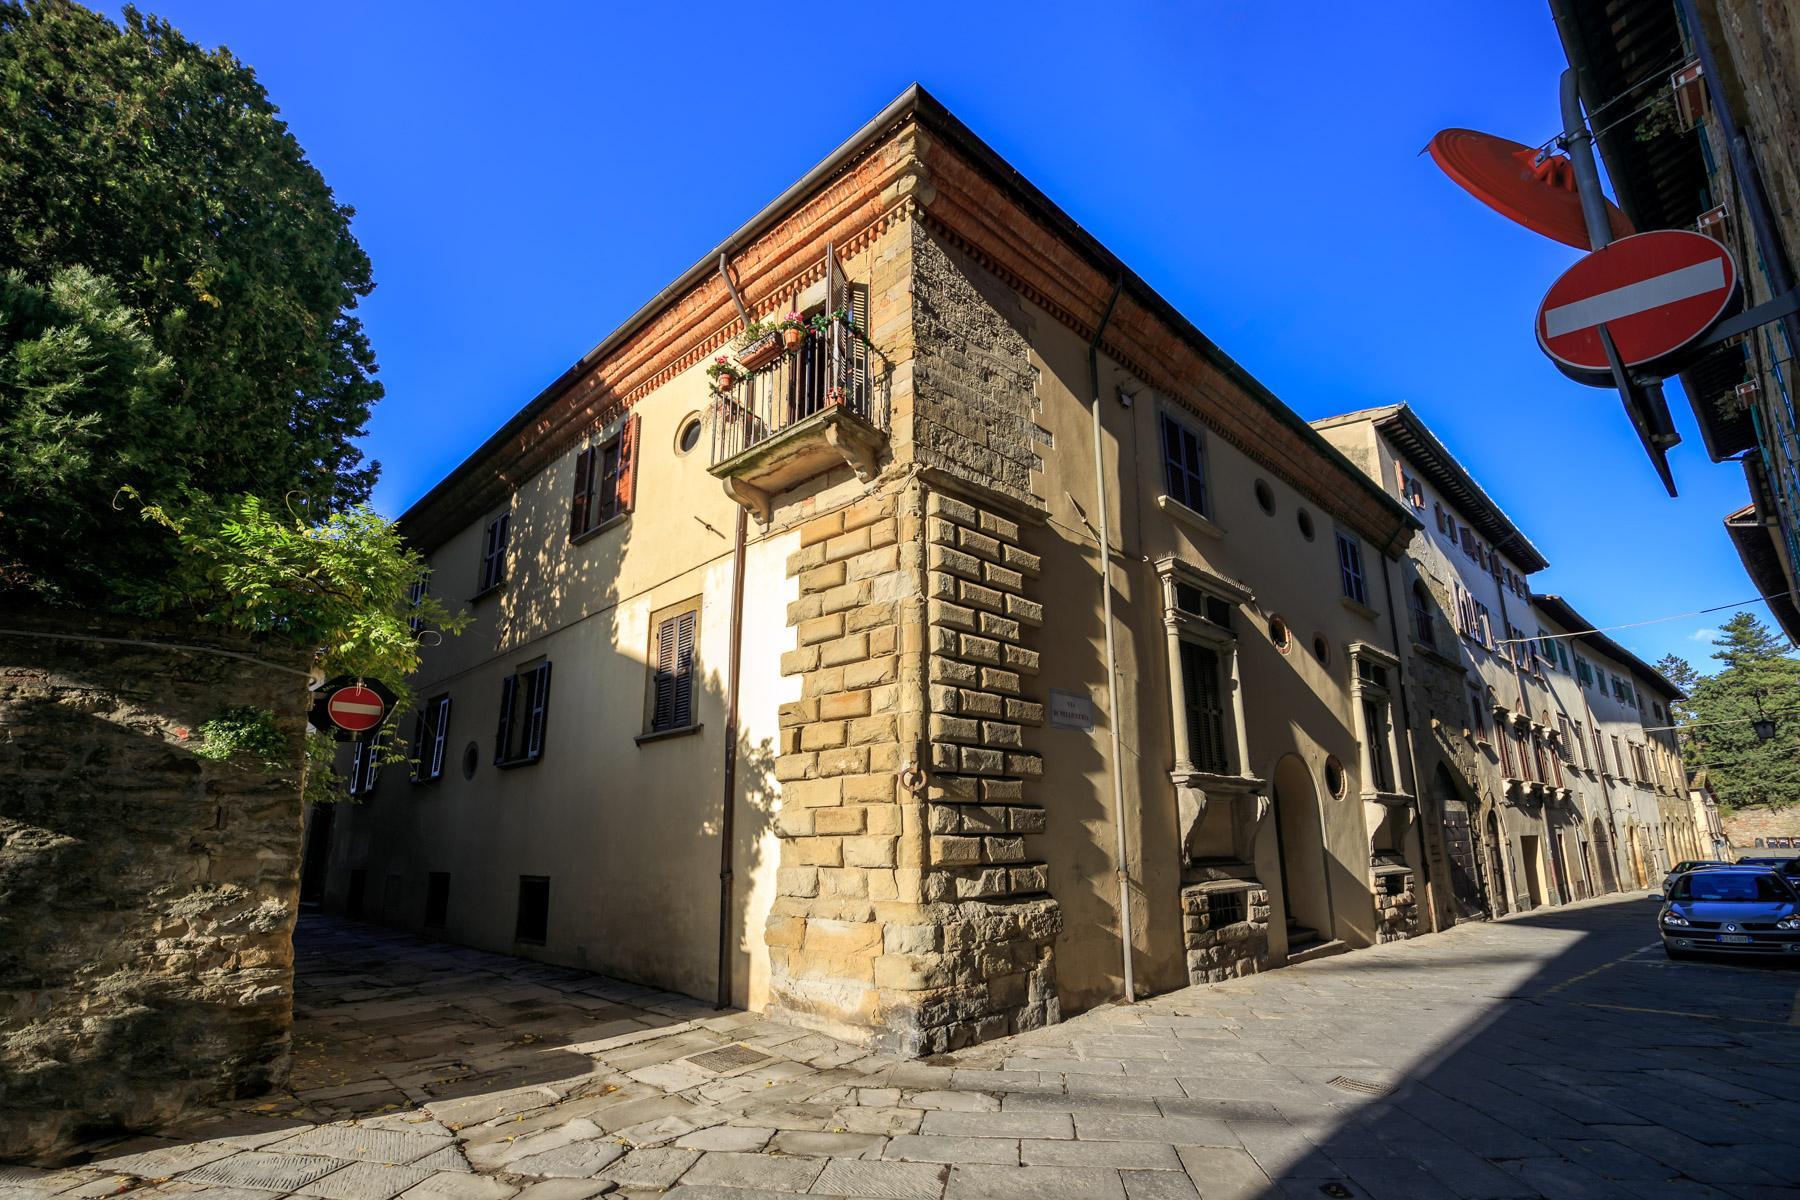 Palazzo Rinascimentale in Vendita a pochi passi da Piazza Grande, Arezzo - 1